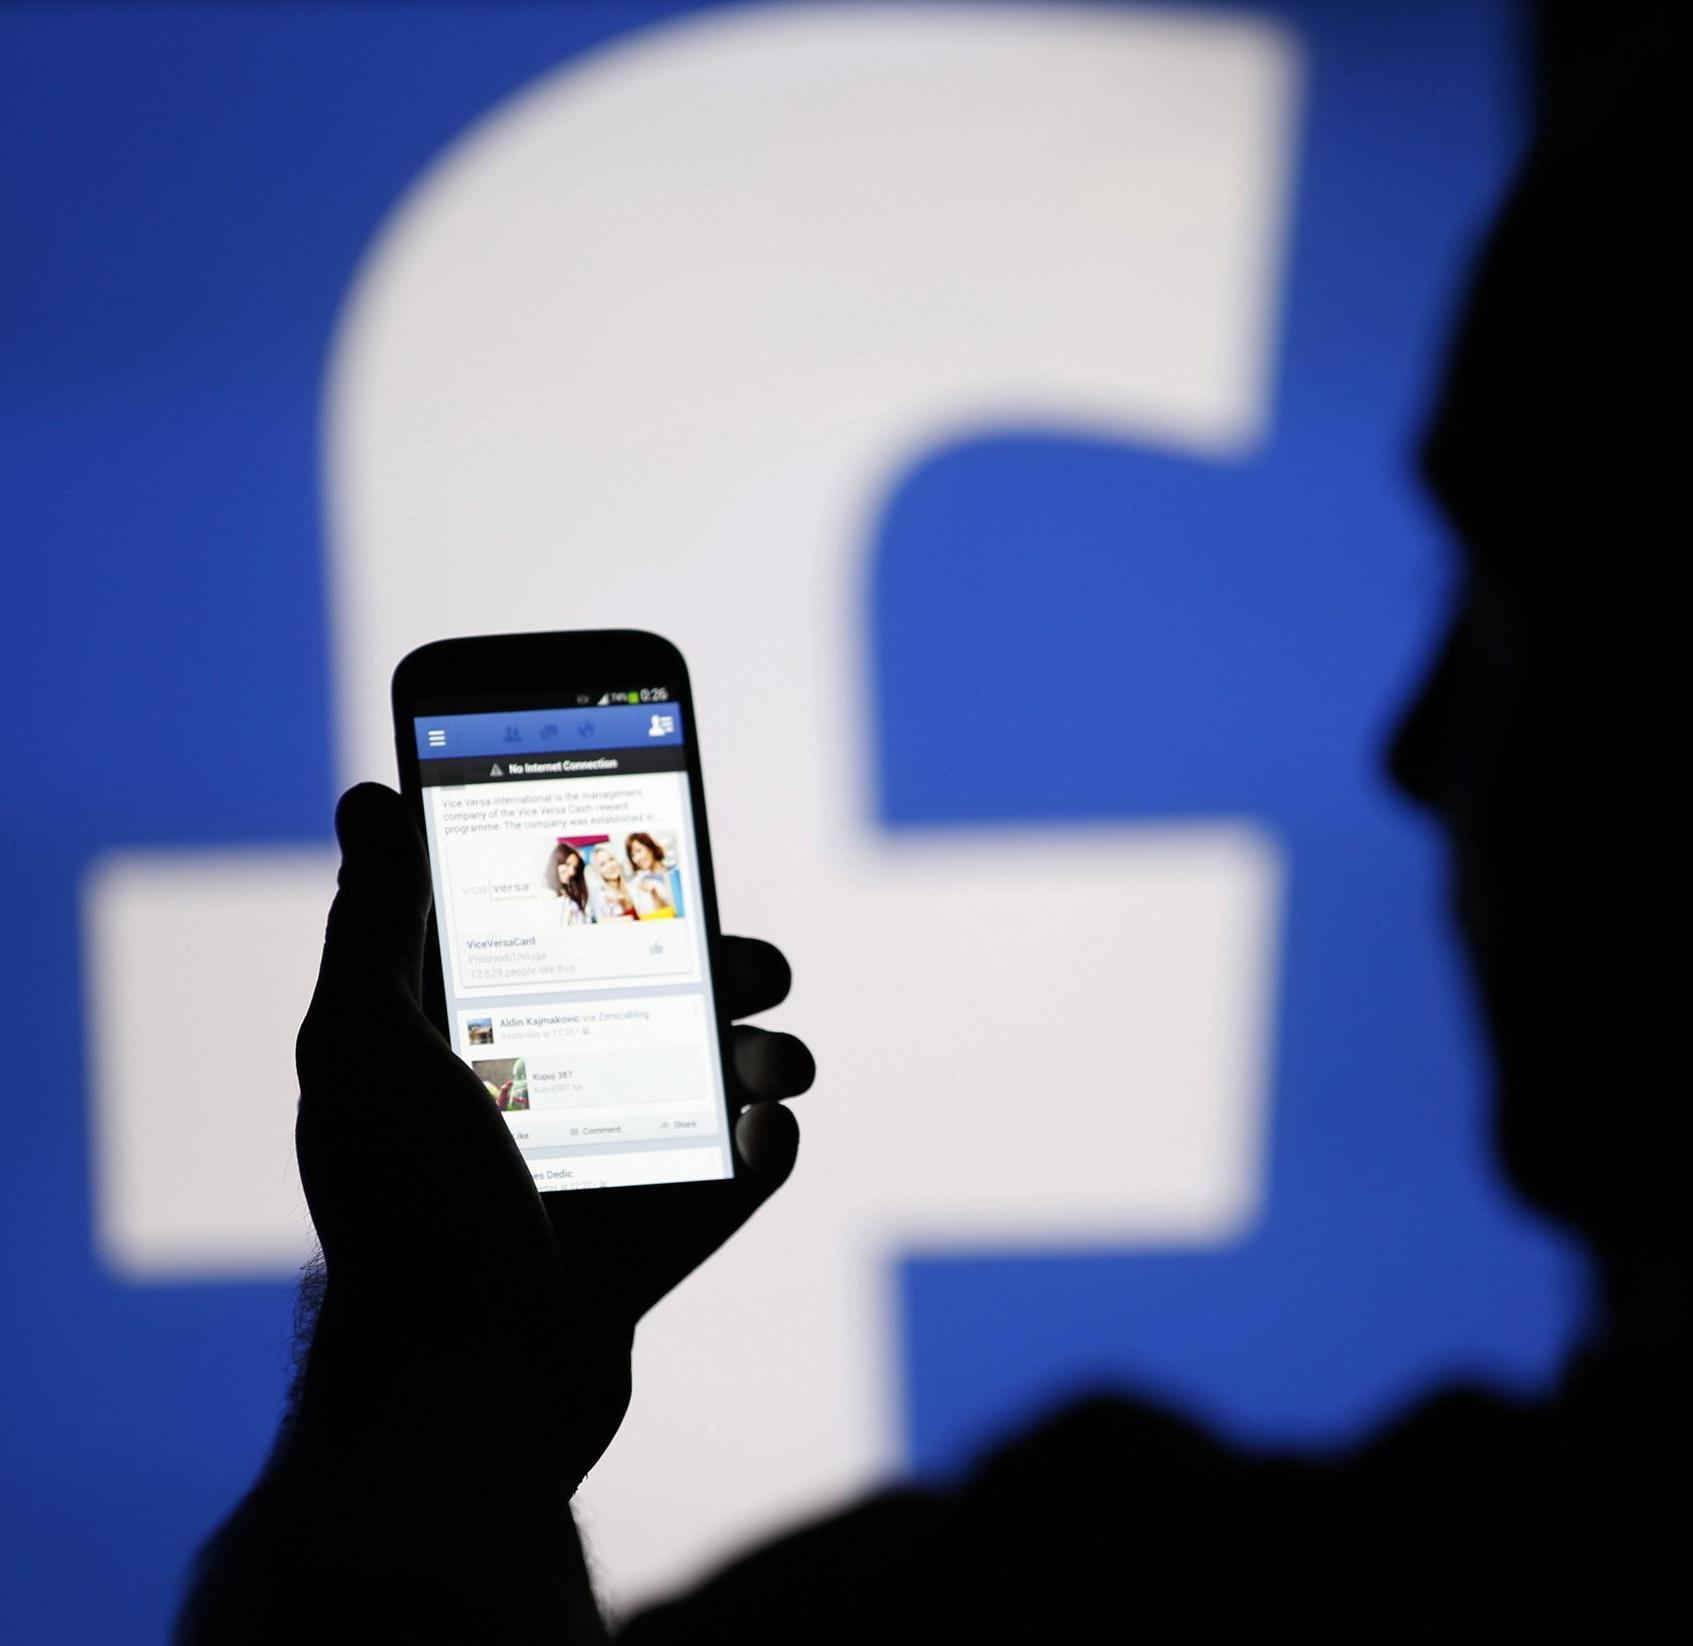 פרסום בפייסבוק ומודעות ממומנות